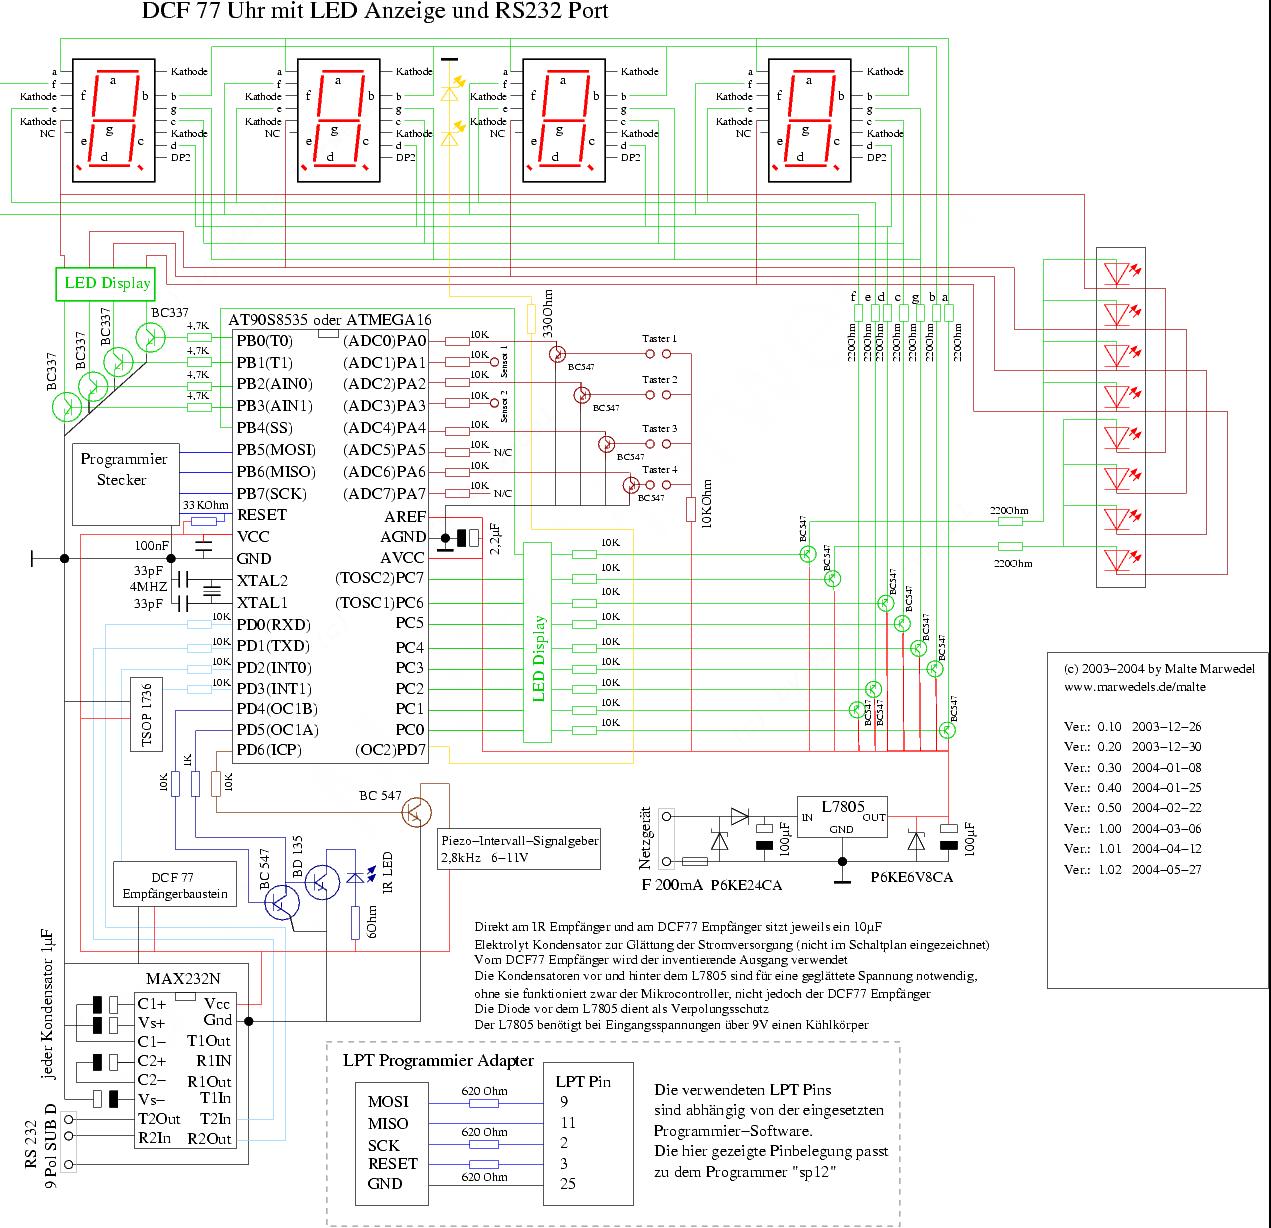 Ziemlich Uhr 1500 Schaltplan Fotos - Elektrische Schaltplan-Ideen ...